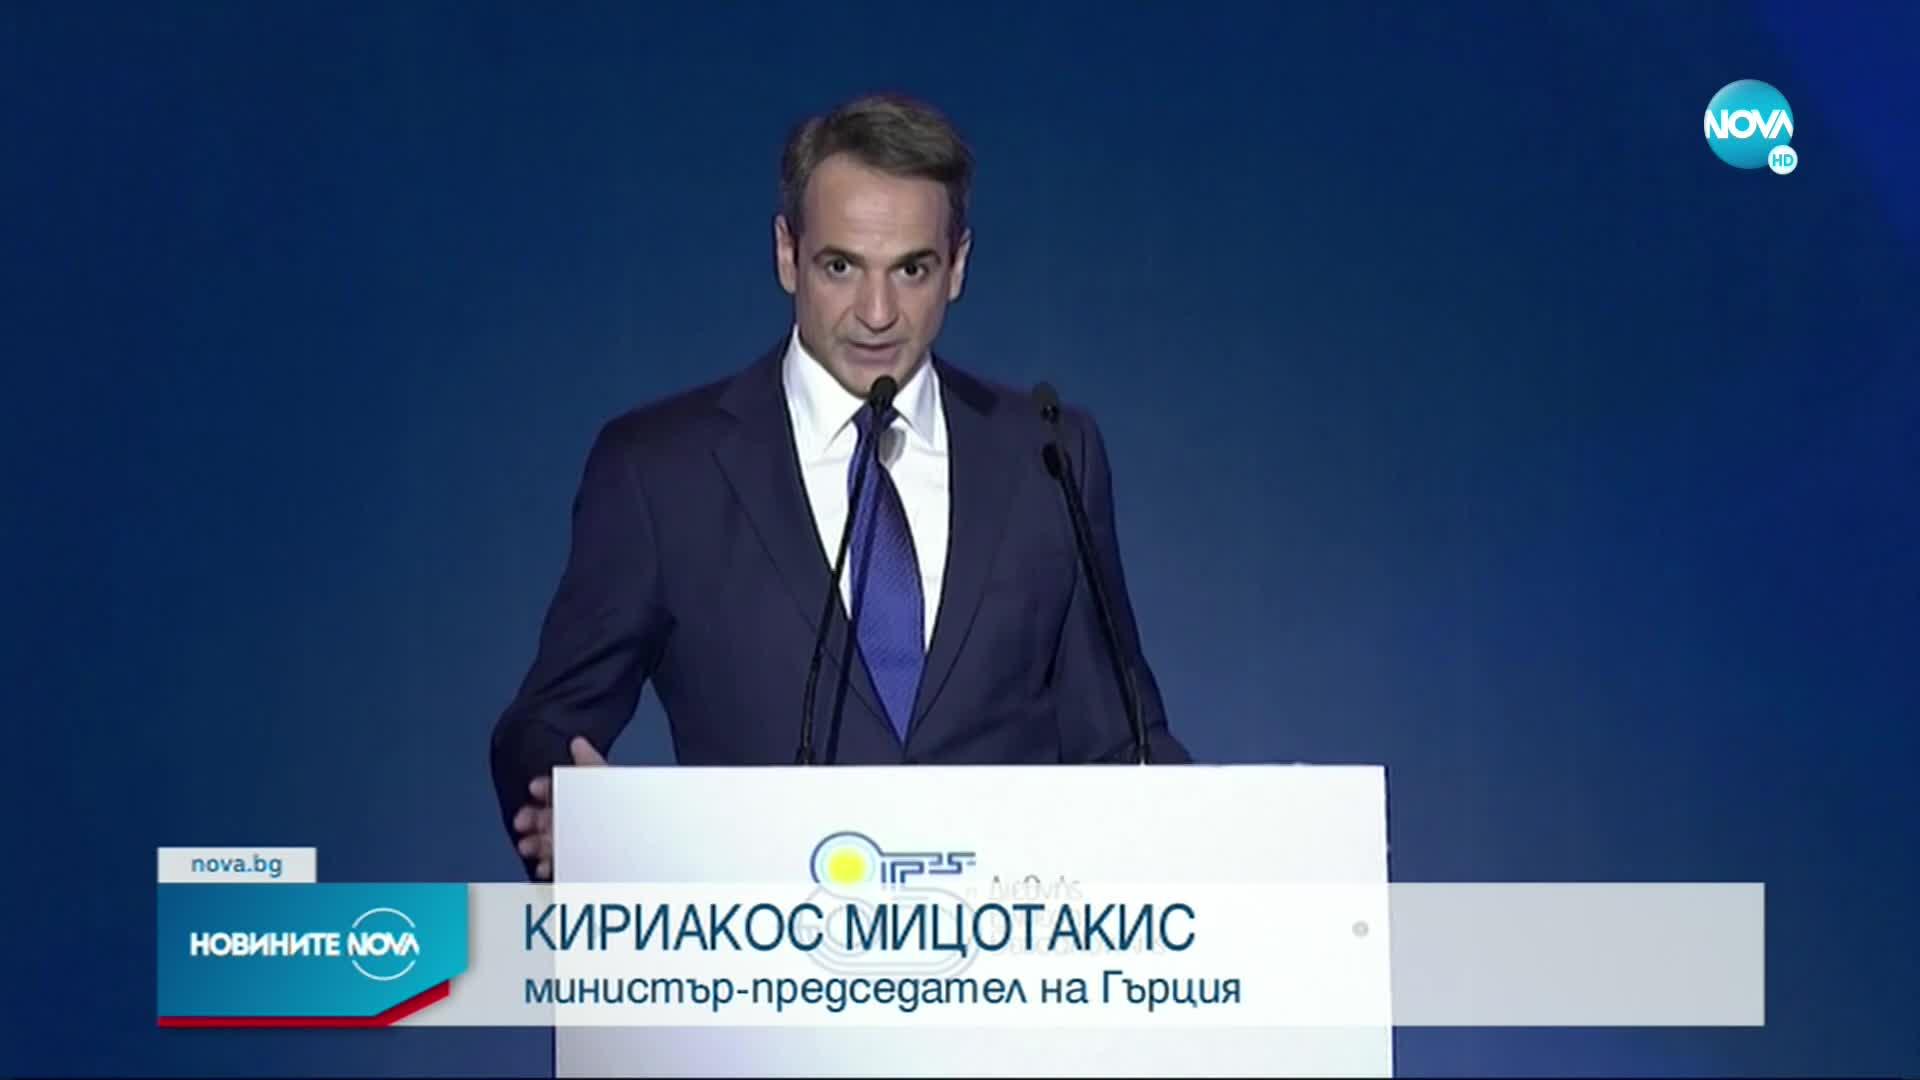 Гърция обяви данъчни облекчения и компенсации за справяне с кризата